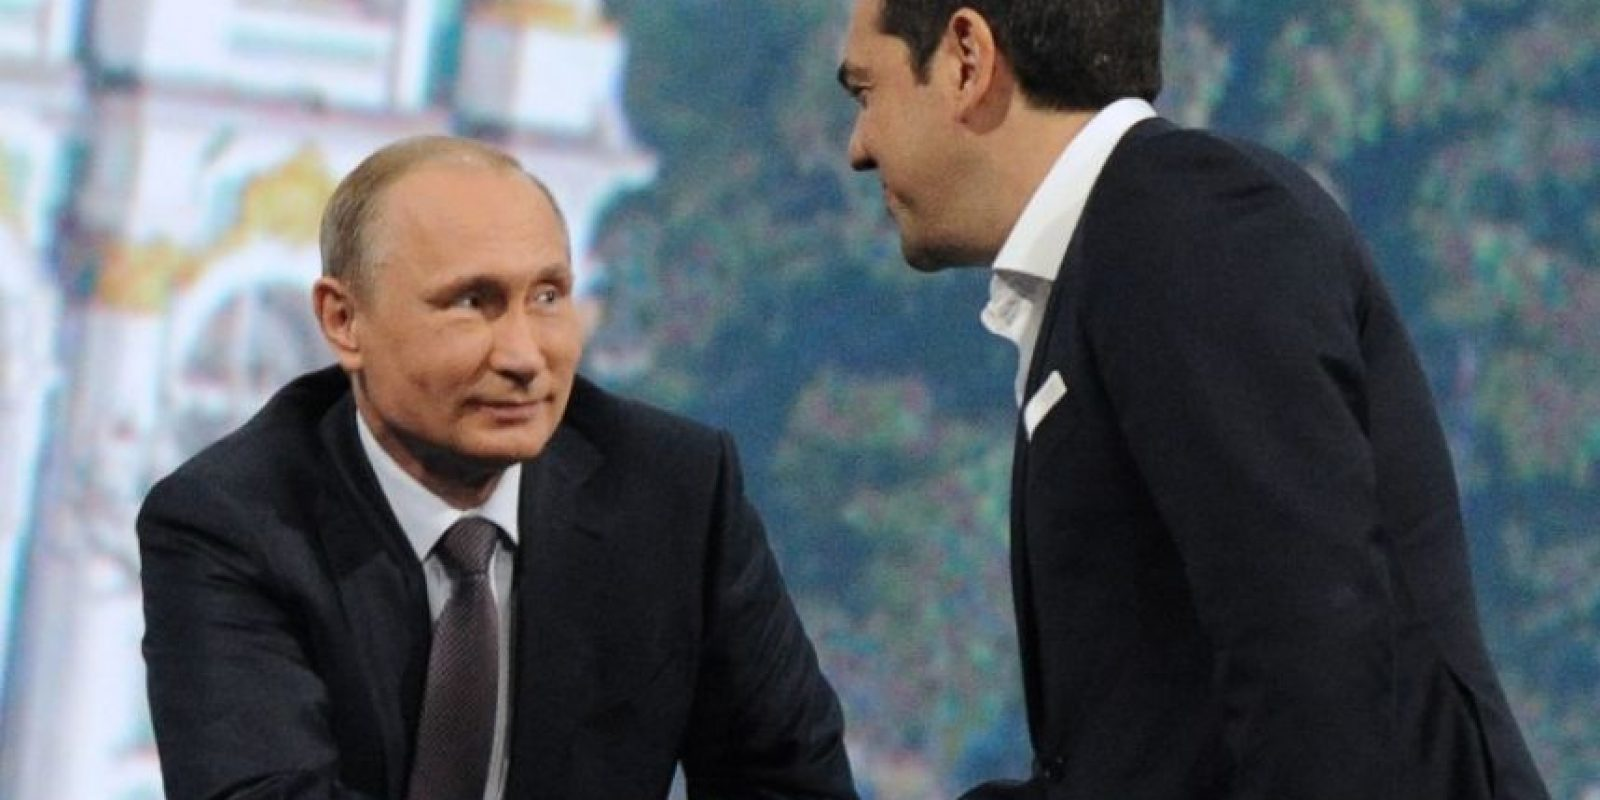 """""""El planteamiento de Tsipras [ante los acreedores] fue decir """"Dennos un respiro, veamos como podemos salir de esta situación y encontremos una solución que nos permita salir del pozo en el que estamos"""" Foto:AFP"""